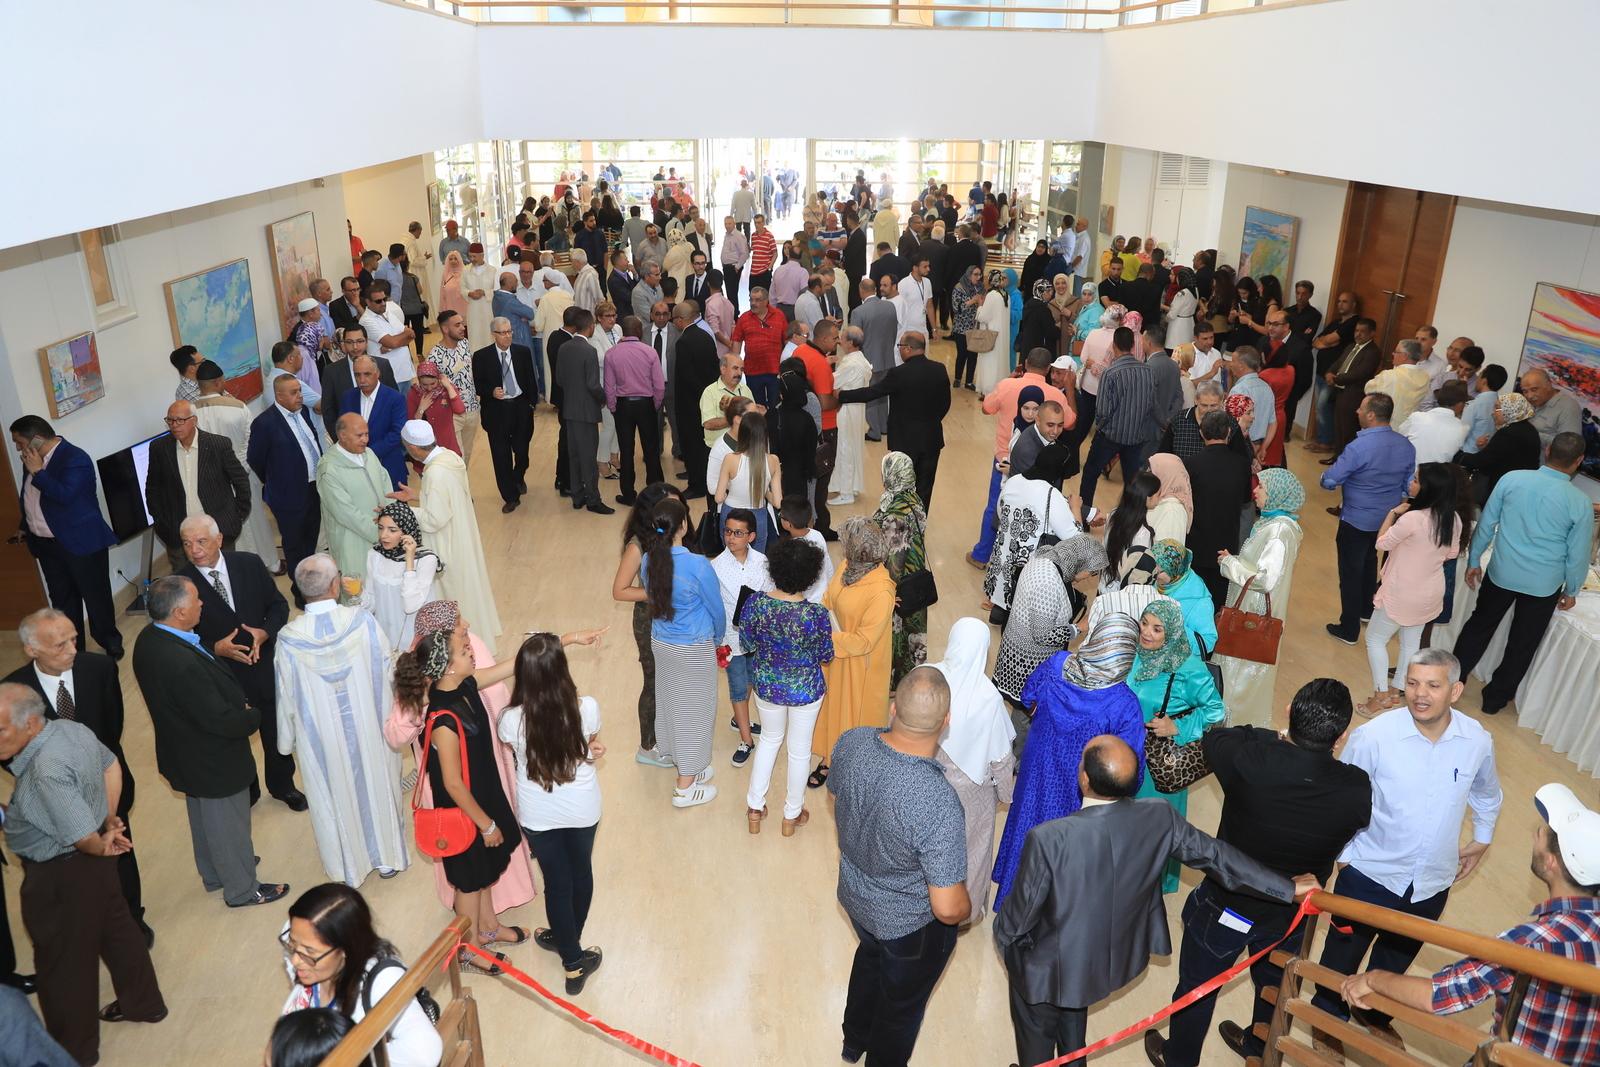 2017-07-07 افتتاح موسم اصيلة الثقافي الدولي 39